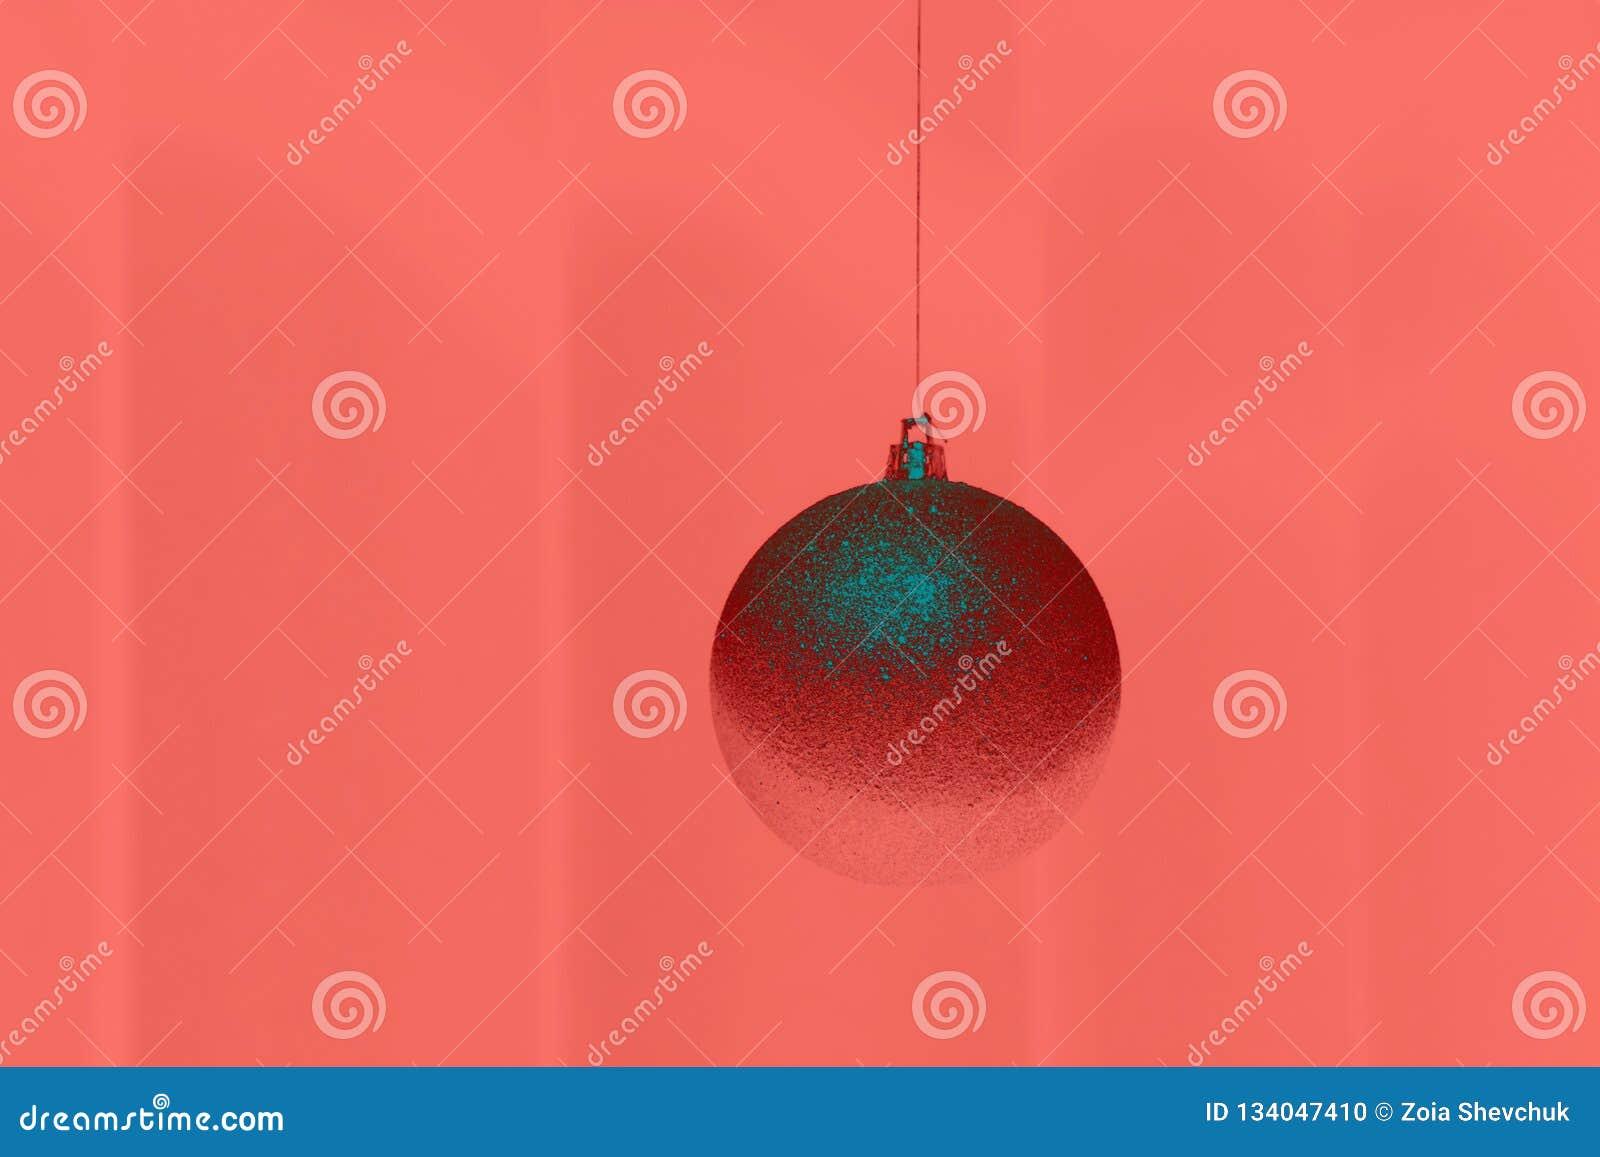 Única bola do Natal no fundo na cor do ano 2019 Pantone - coral de vida